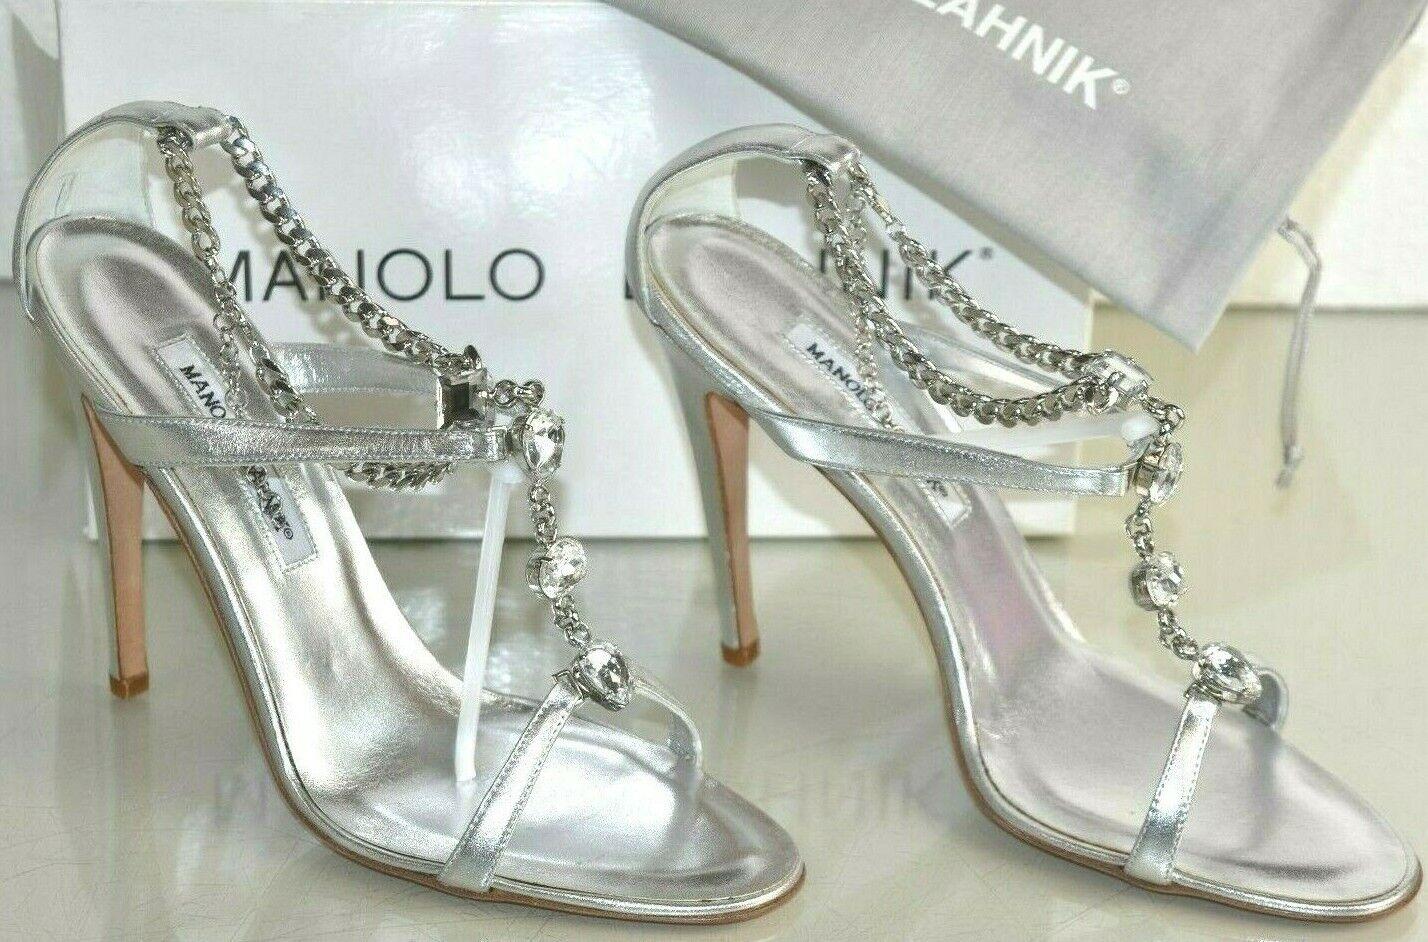 Nuevo Manolo Blahnik Prefe con Cuentas Sandalias Cristales Plata Zapatos de Boda